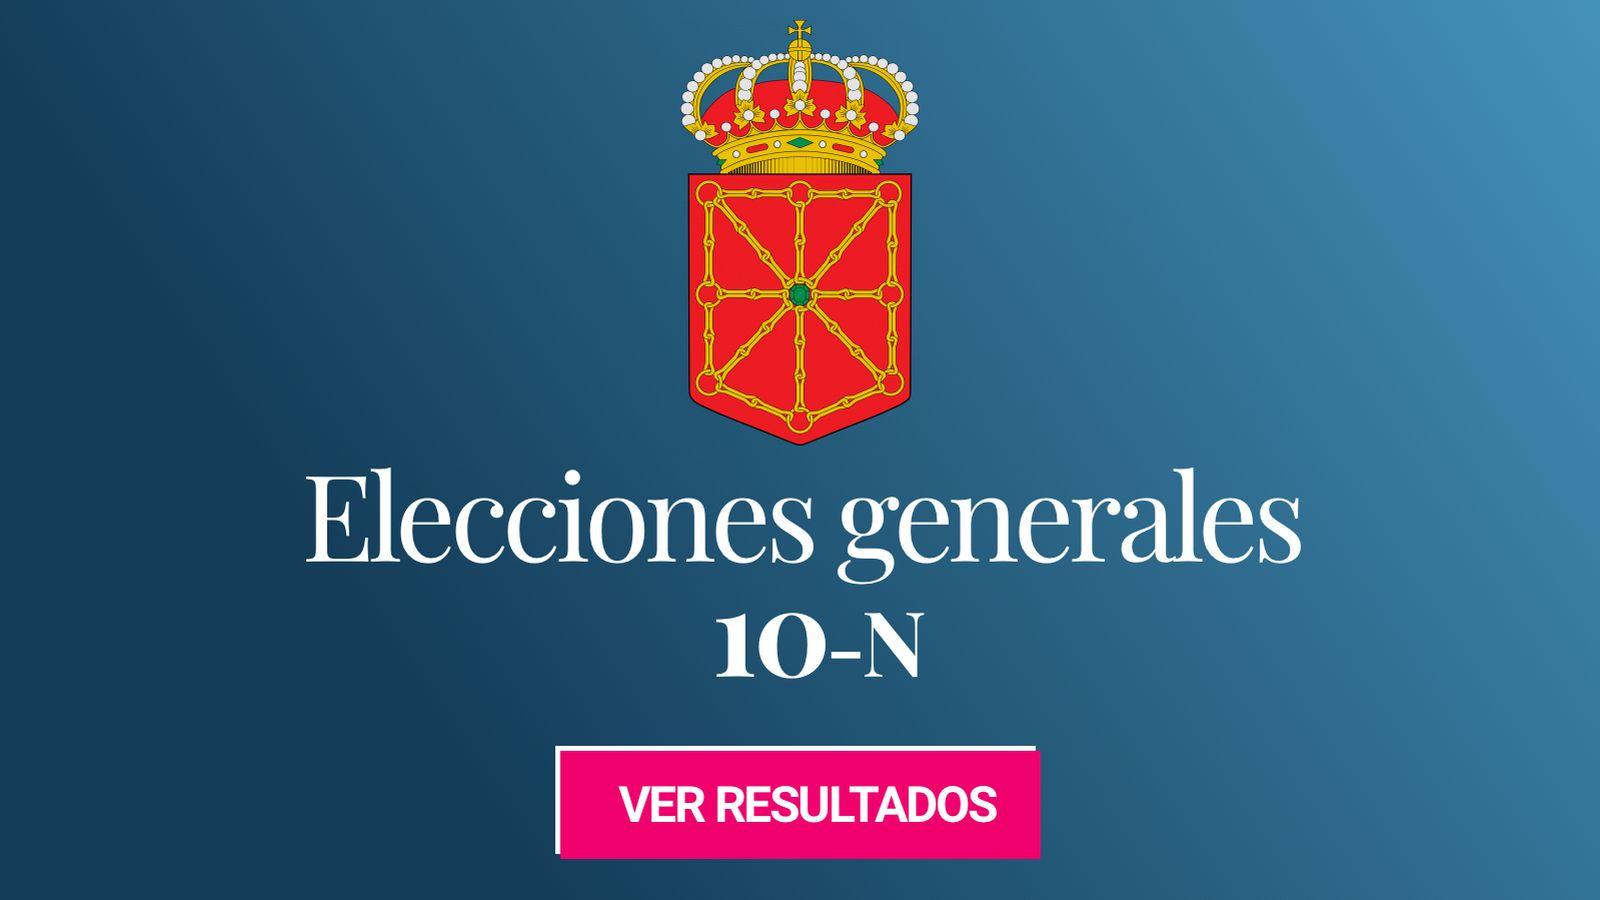 Foto: Elecciones generales 2019 en la provincia de Navarra. (C.C./Miguillen)